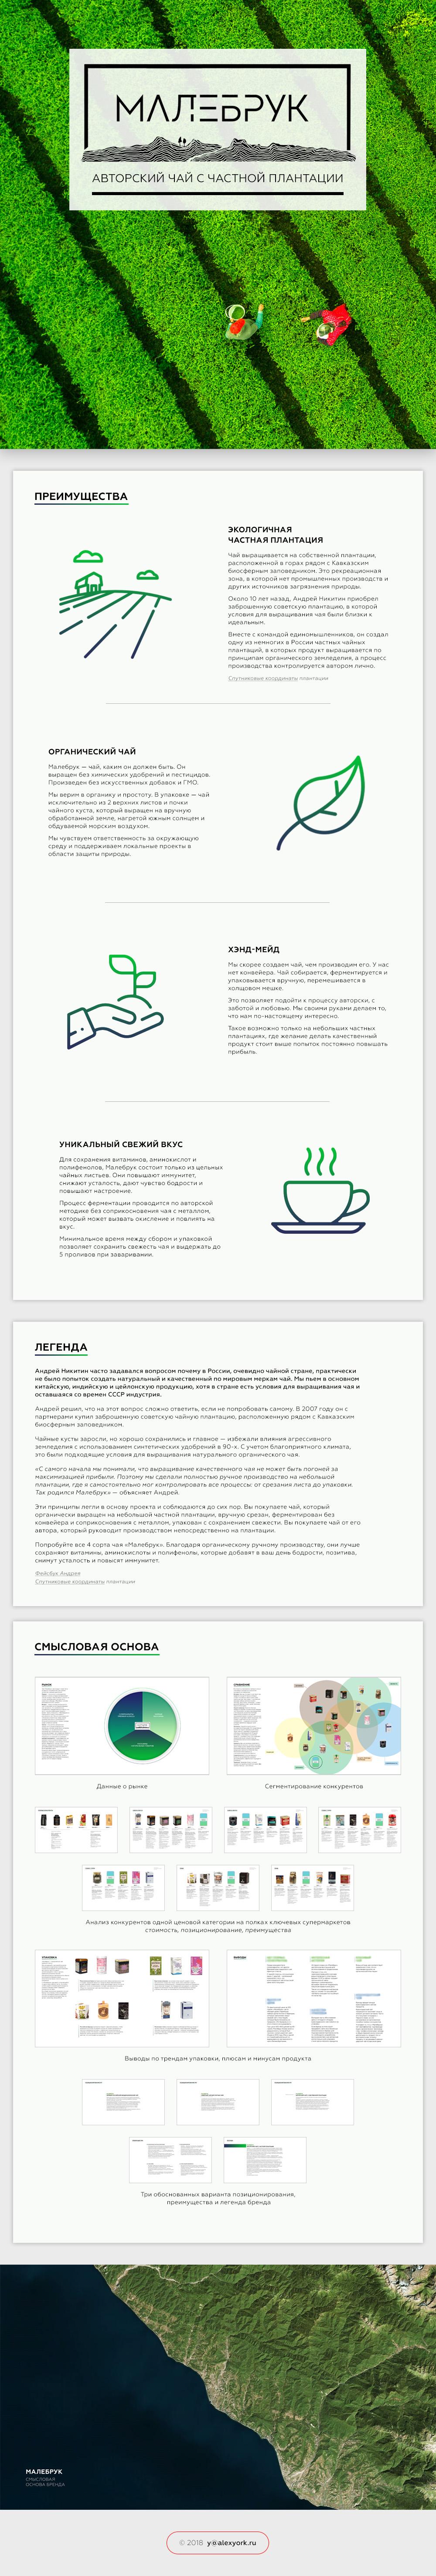 Смысловая основа бренда органического чая